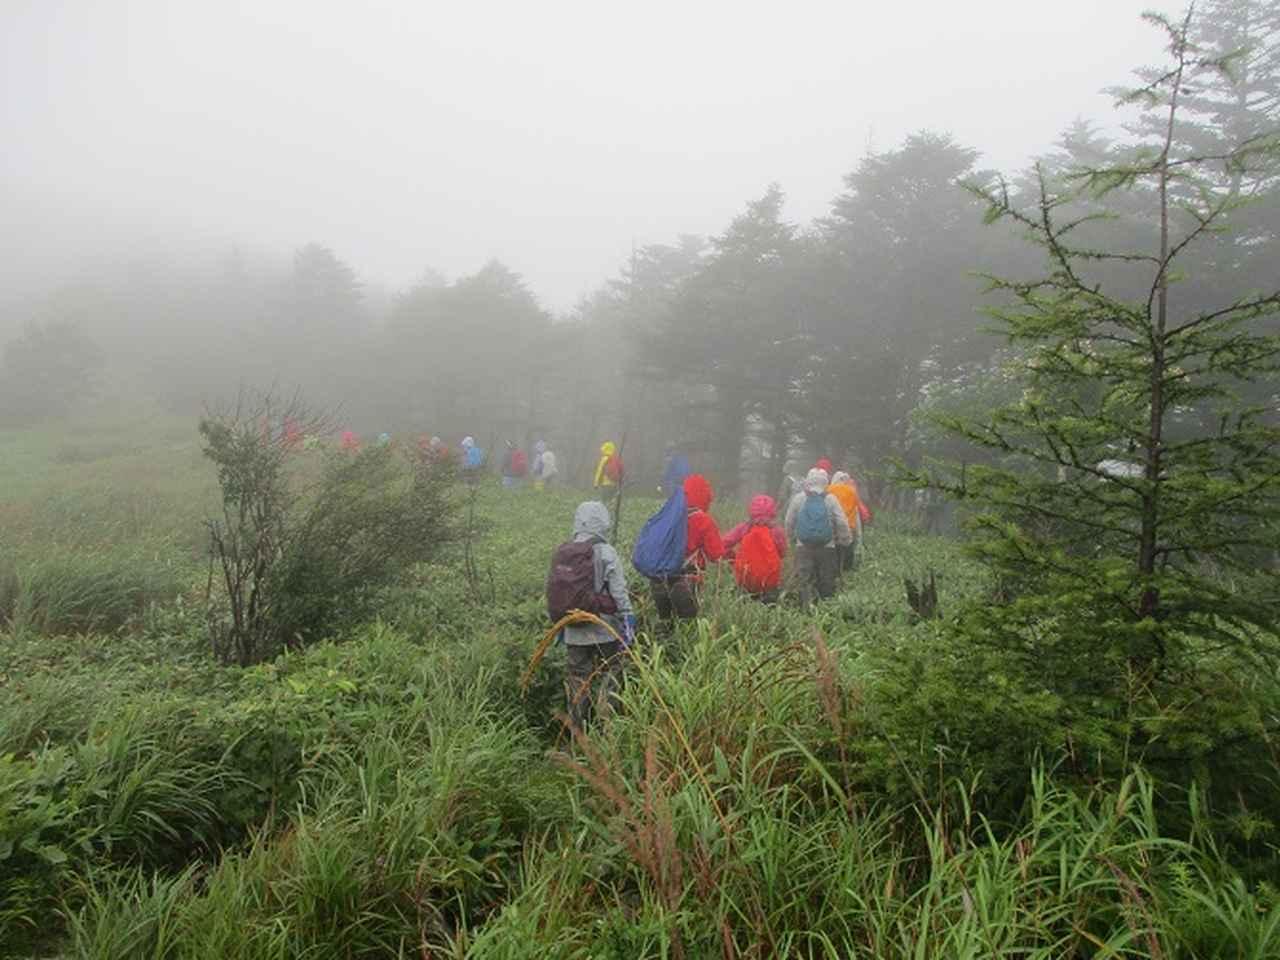 画像1: 8月28日に山旅会 鷲ヶ峰 ツアーに行ってきました!